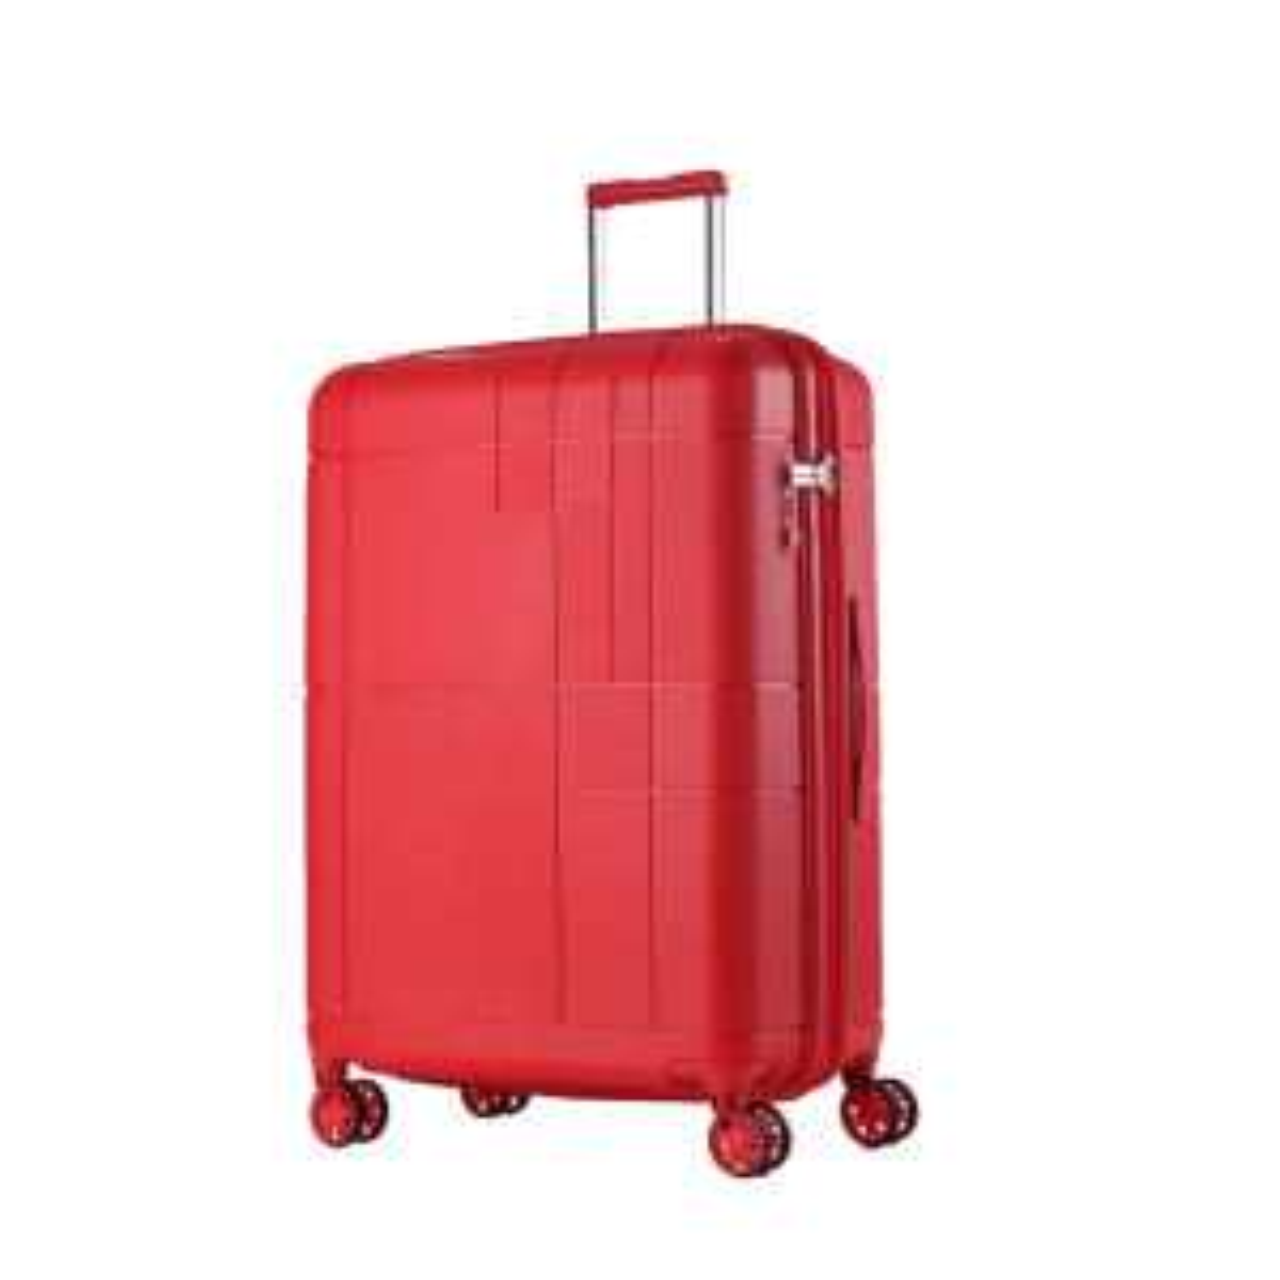 چمدان اکولاک مدل Monogram سایز متوسط